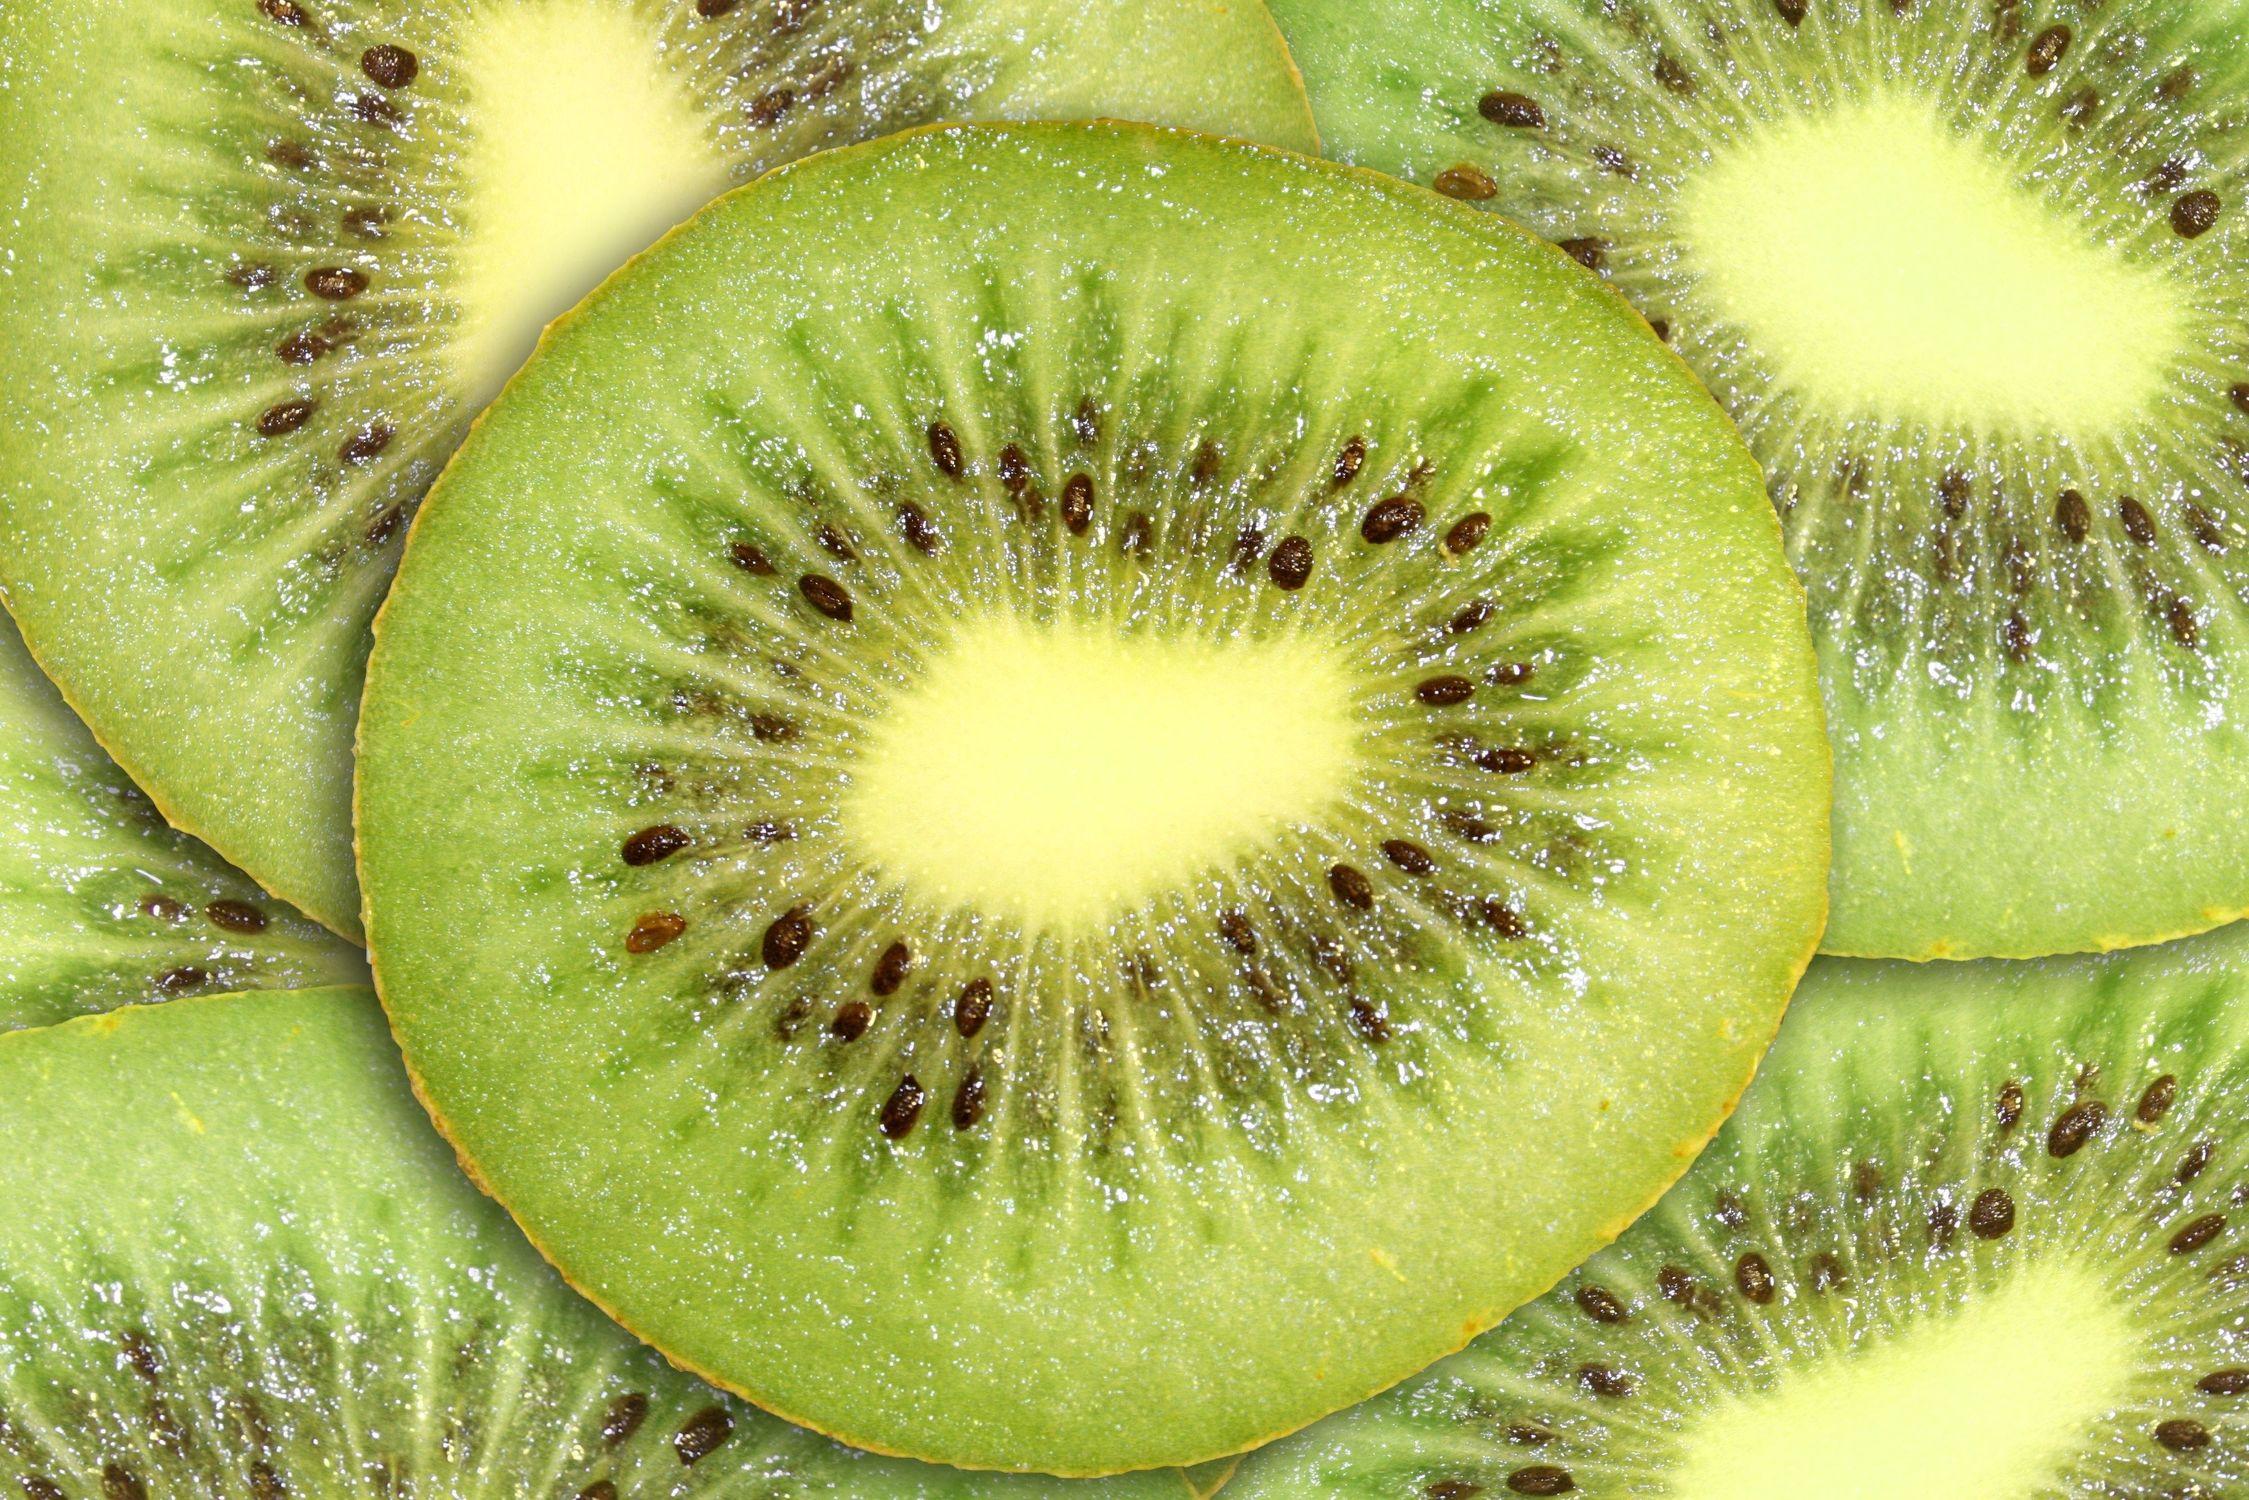 Bild mit Grün, Früchte, Lebensmittel, Essen, Frucht, Kiwi, Kiwies, Kiwifrucht, Obst, Küchenbild, Küchenbilder, KITCHEN, Küche